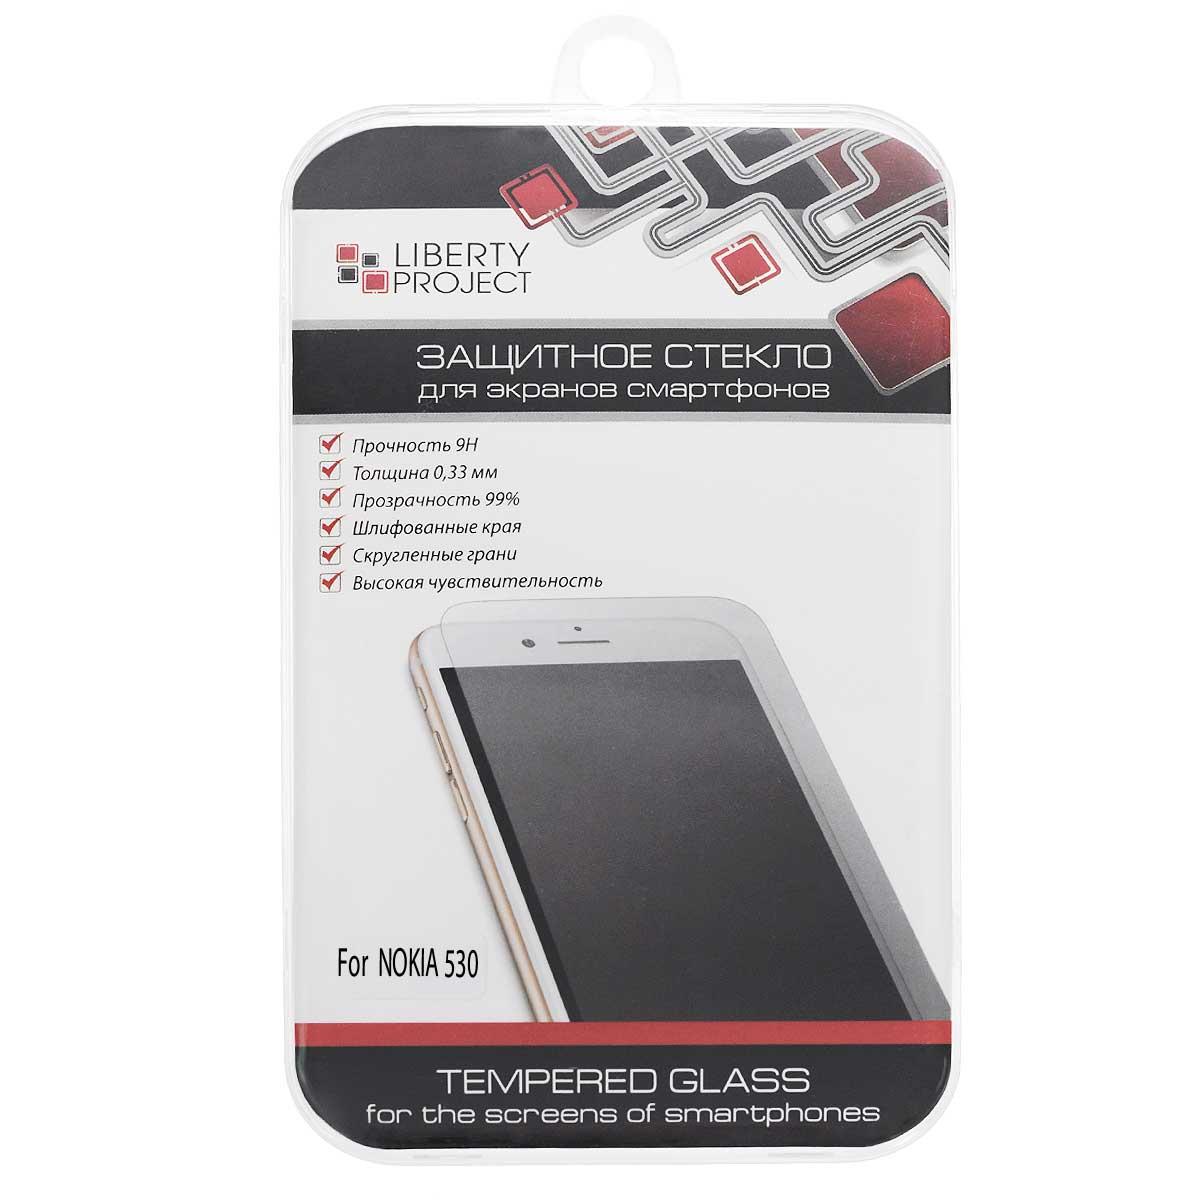 Liberty Project Tempered Glass защитное стекло для Nokia 530, Clear (0,33 мм)0L-00000526Защитное стекло Liberty Project Tempered Glass предназначено для защиты поверхности экрана, от царапин, потертостей, отпечатков пальцев и прочих следов механического воздействия. Гарантирует высокую чувствительность при работе с устройством. Данная модель также обладает антибликовым и водоотталкивающим эффектом.